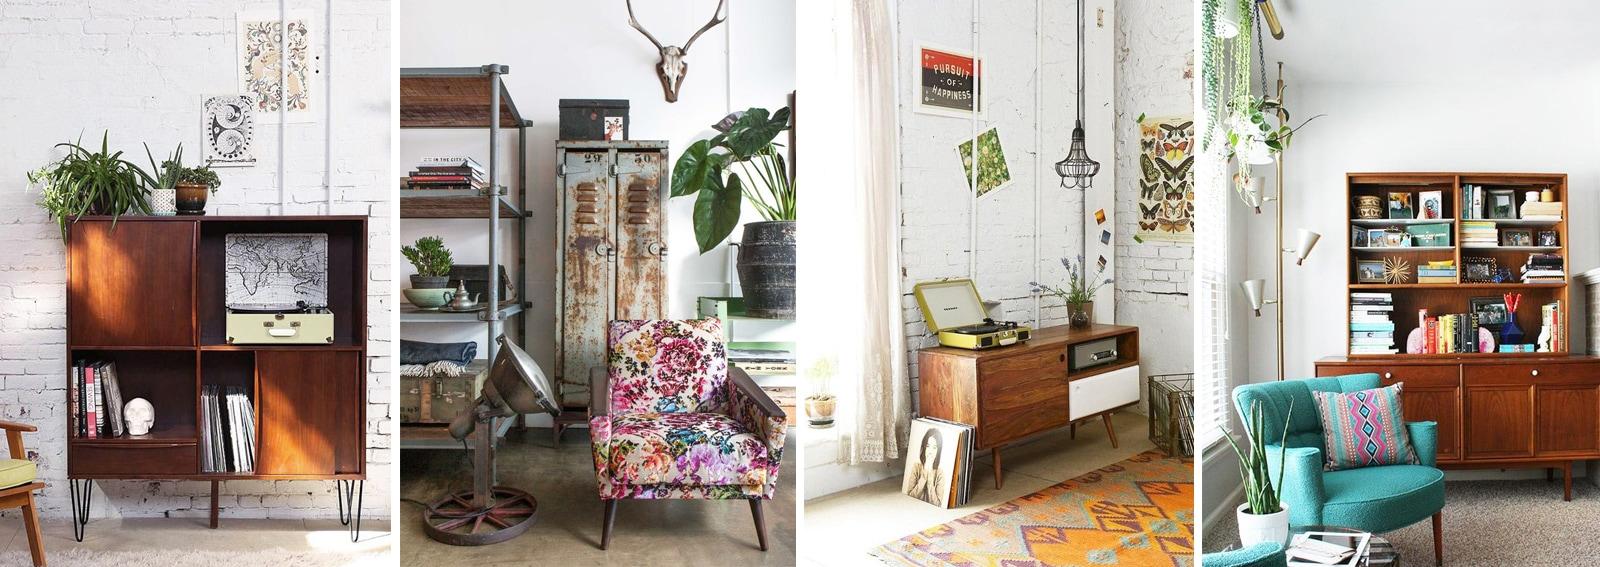 Come arredare la casa in stile vintage 10 consigli da for Consigli x arredare casa